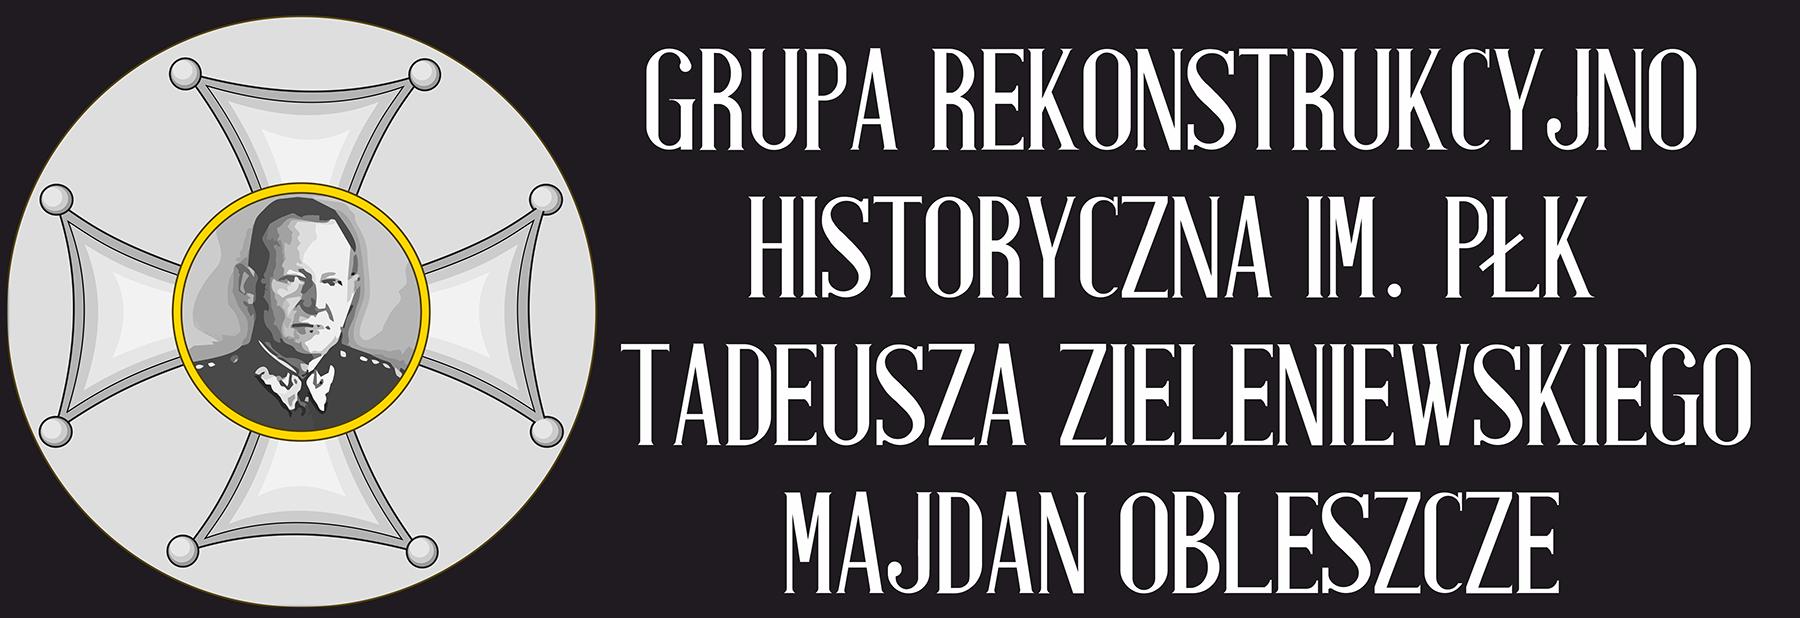 Grupa Rekonstrukcyjno Historyczna im. płk Tadeusza Zieleniewskiego